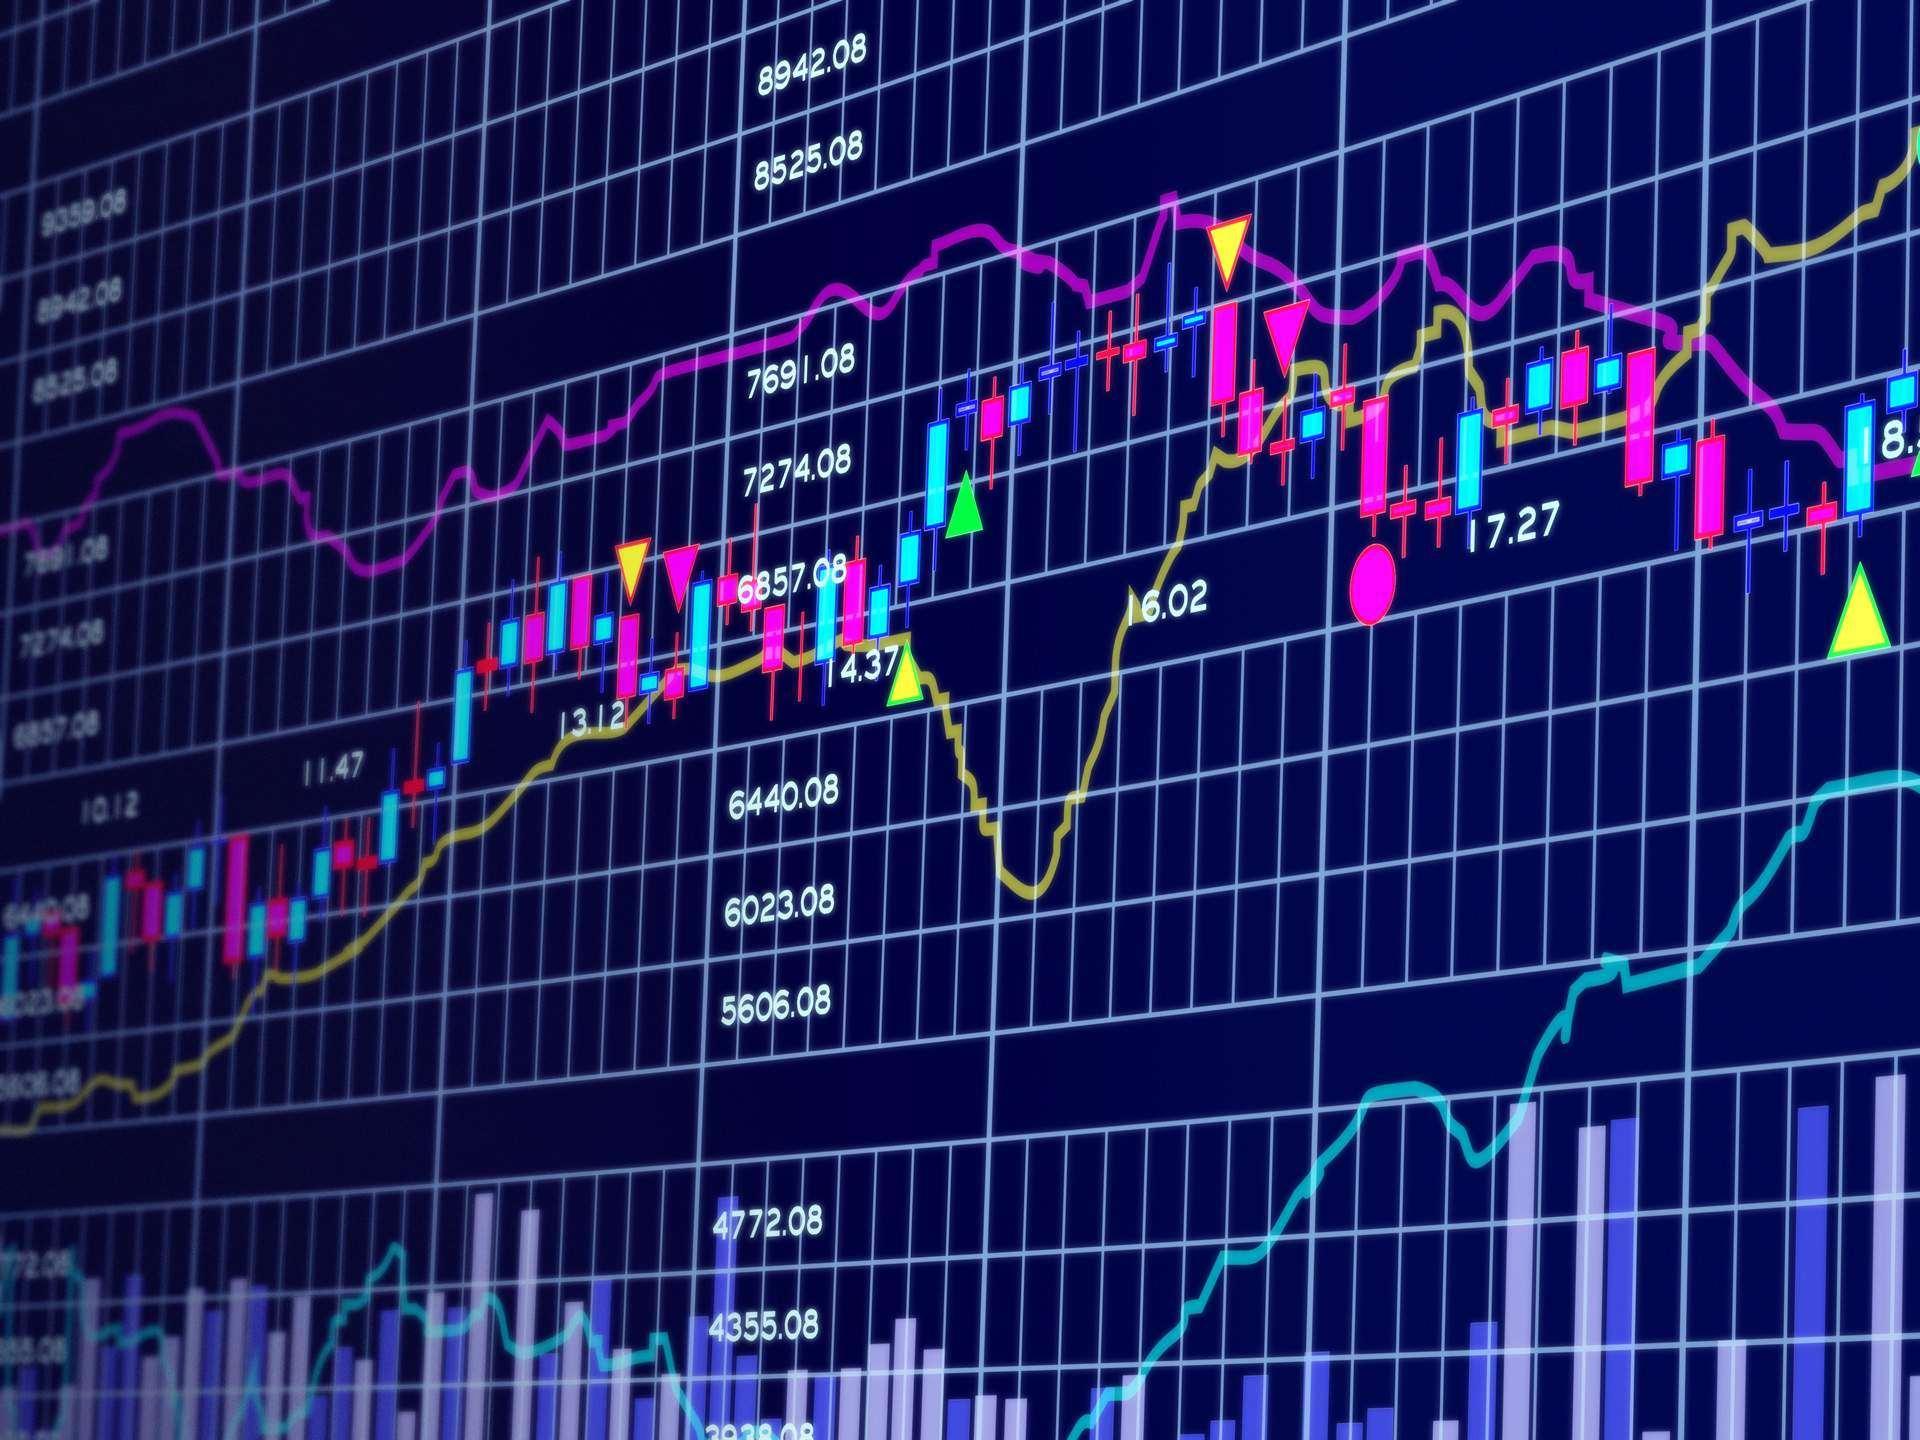 Обзор брокера FxOpen и его торговых условий